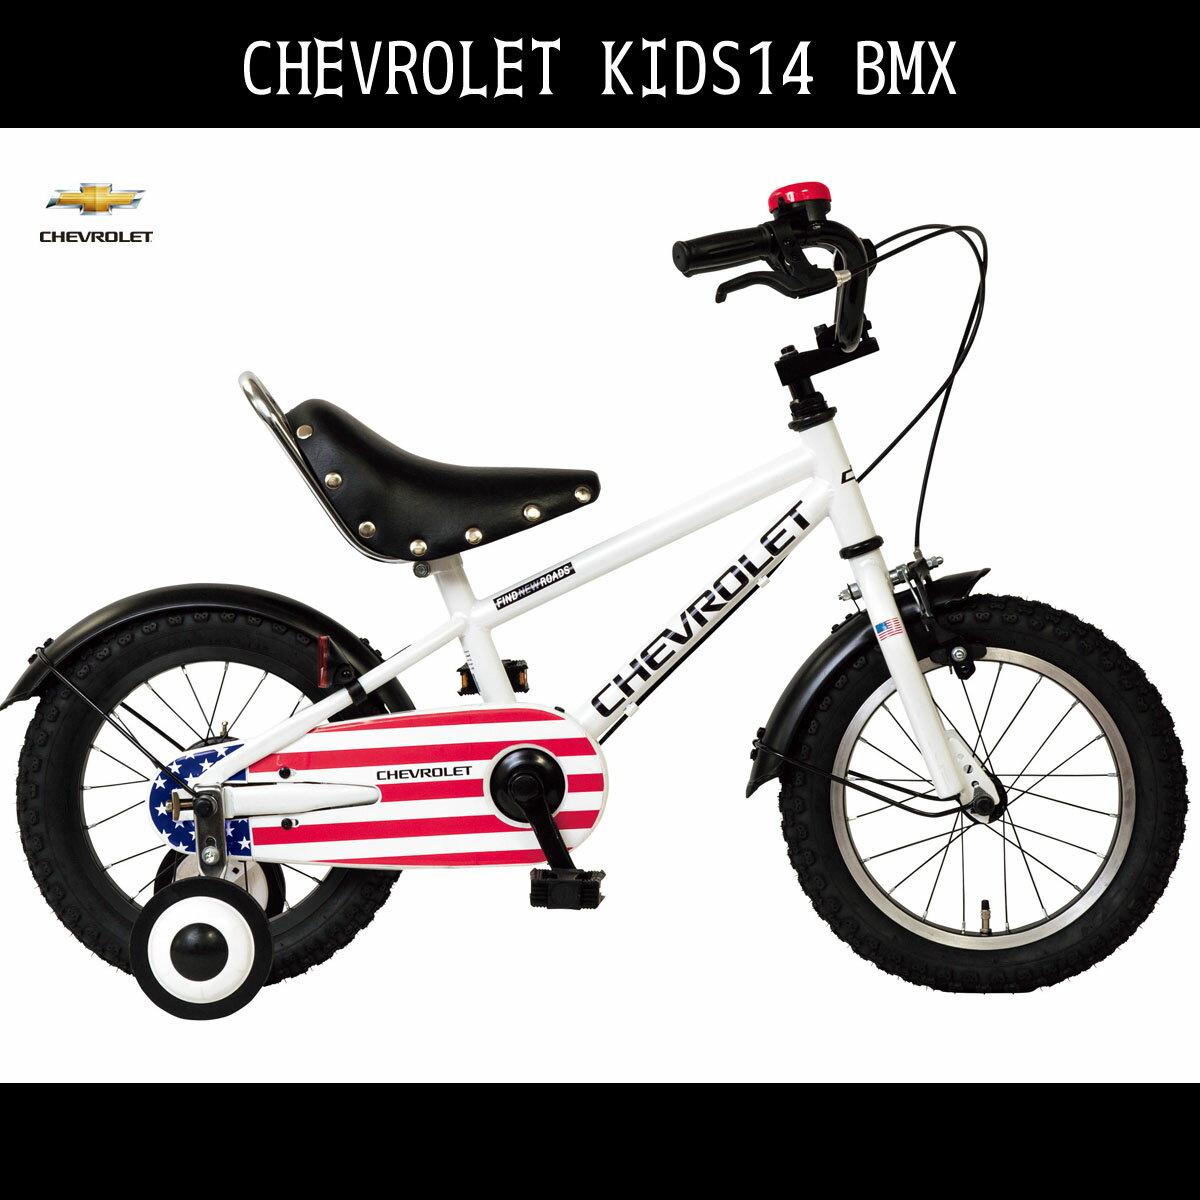 <関東限定特別価格>KID'S14BMX シボレー シェビー CHEVY CHEVROLET 泥除け 補助輪 ギアなし 自転車 14インチ 白 ホワイト 自転車 シボレー 幼児補助輪付き マウンテンバイク 子供用 送料無料 クリスマス